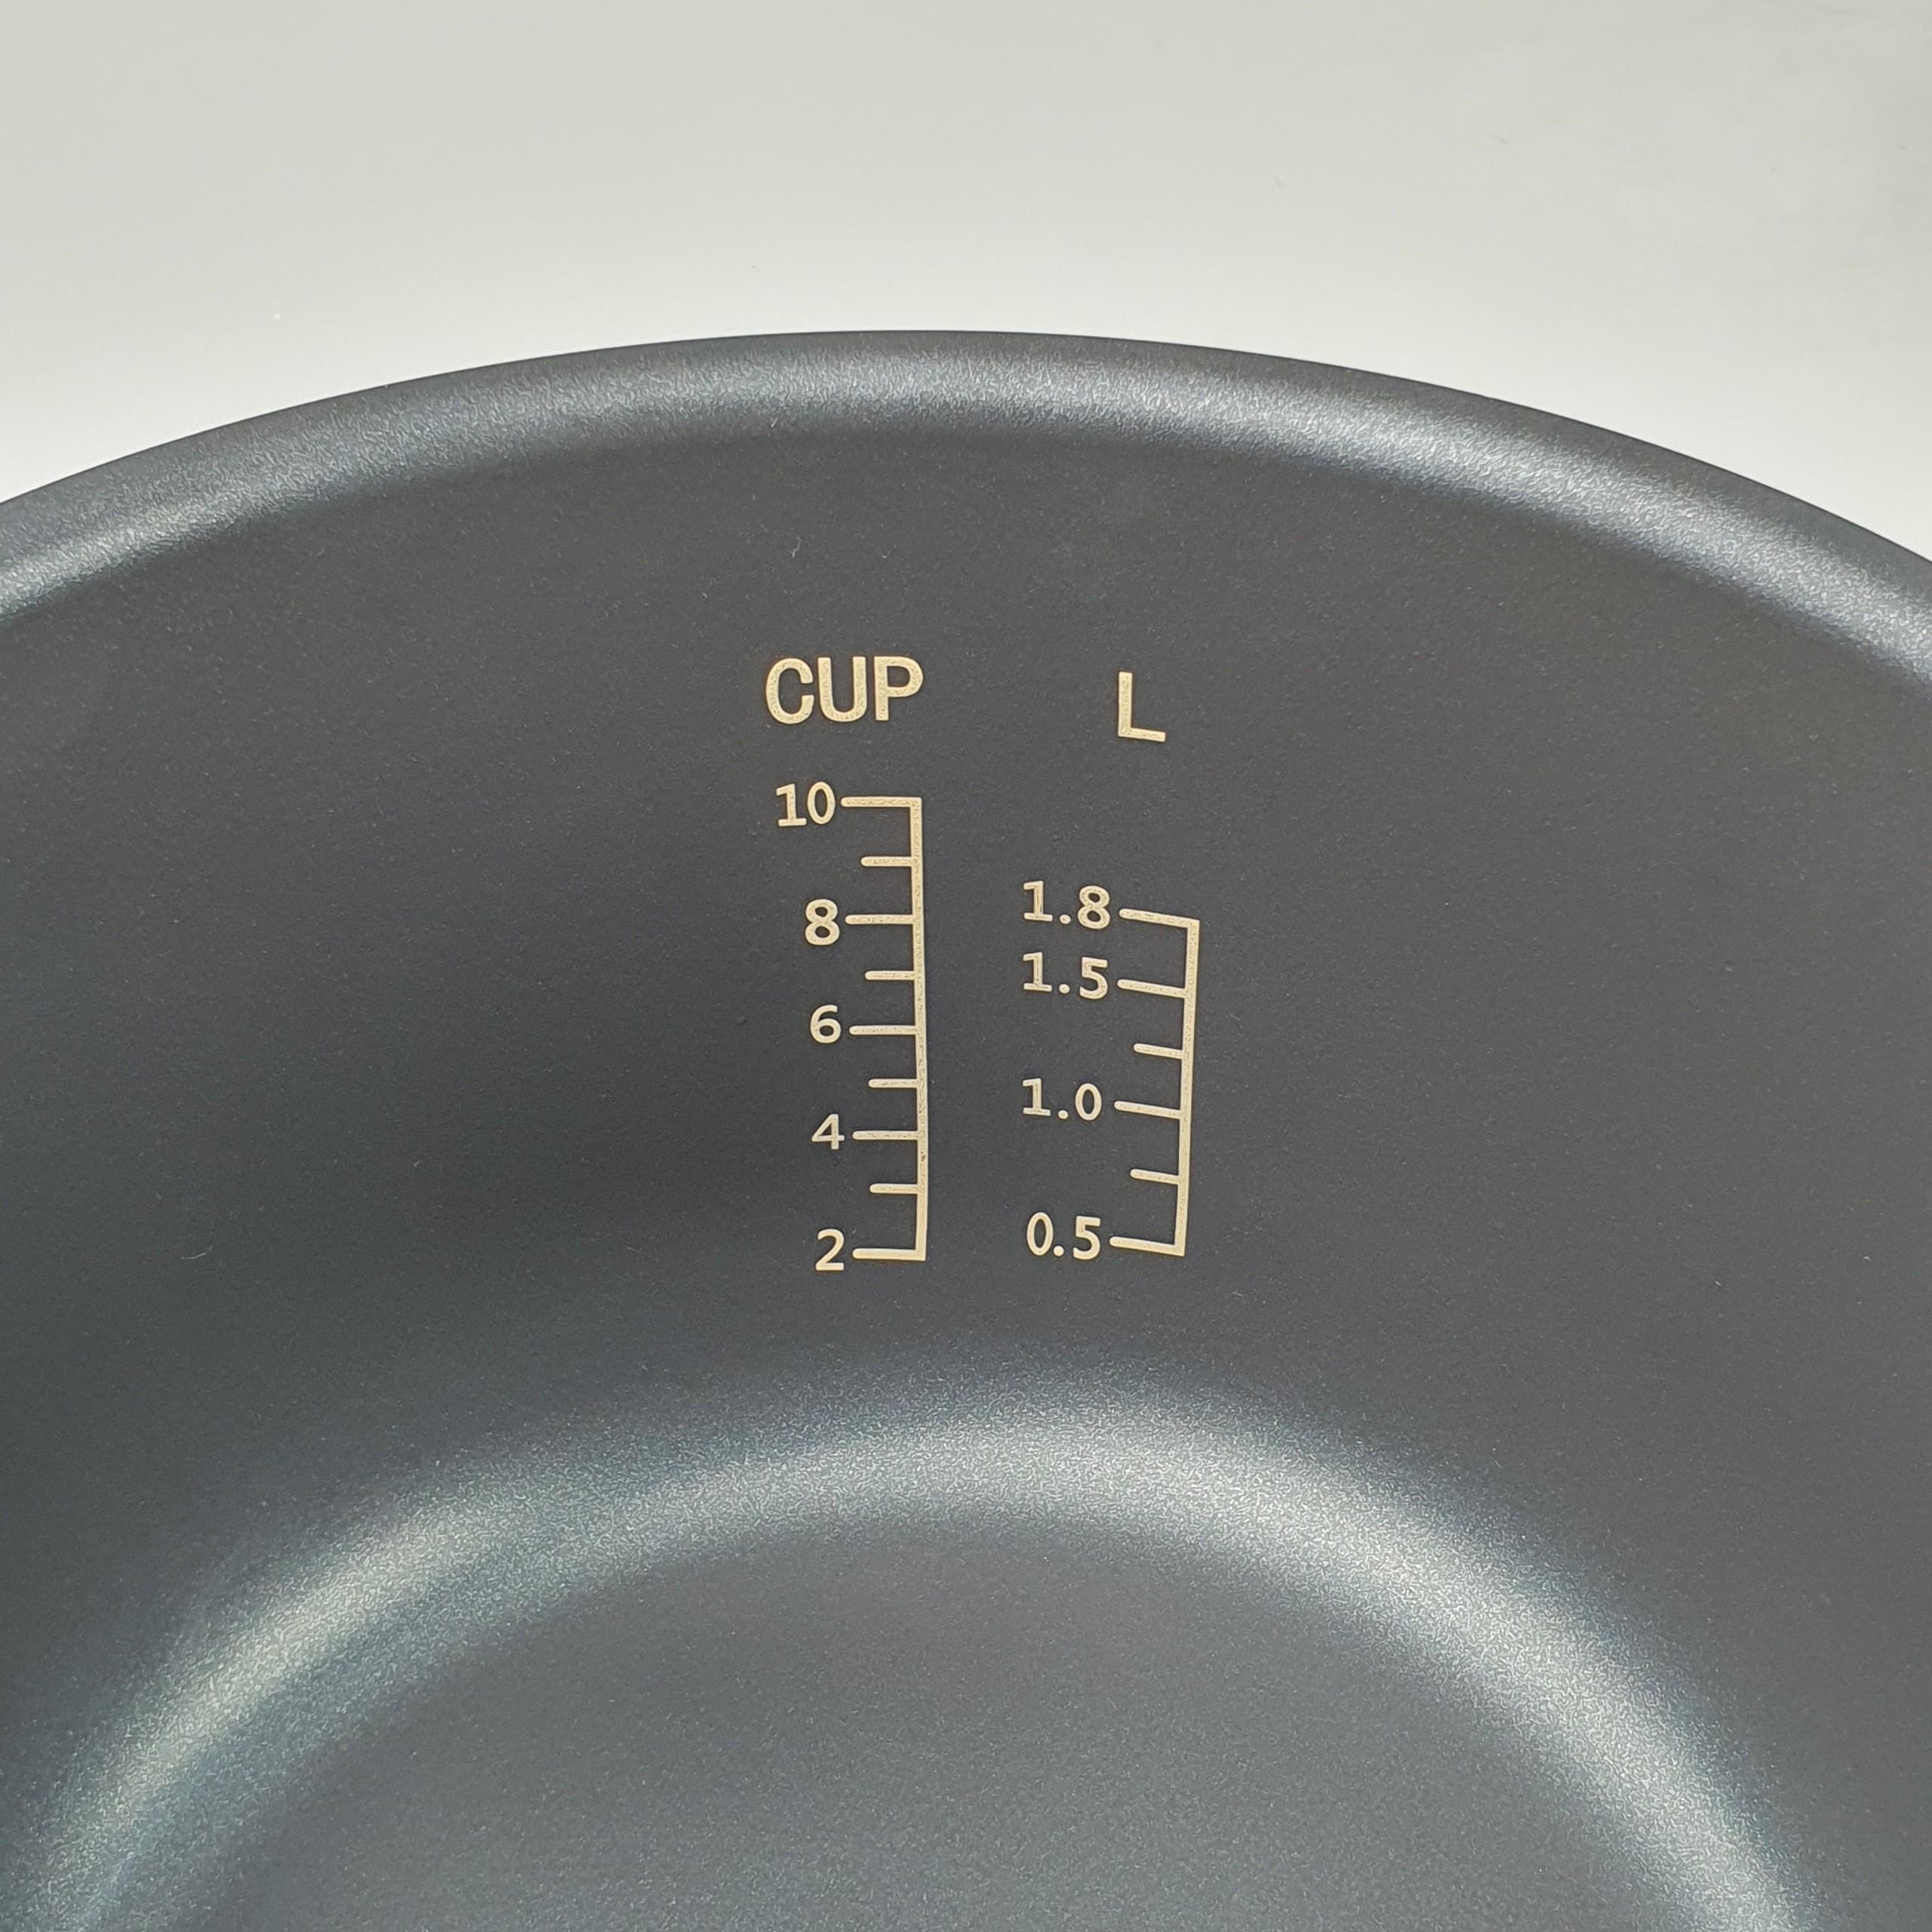 Nồi Cơm Điện Tử 1.8L Matika Đa Chức Năng Nấu Thân Inox Chống Dính 3 Lớp Nấu Cơm,Hấp Bánh,Nấu Cháo Hâm Nóng (Vàng Đồng)-Hàng Chính Hãng